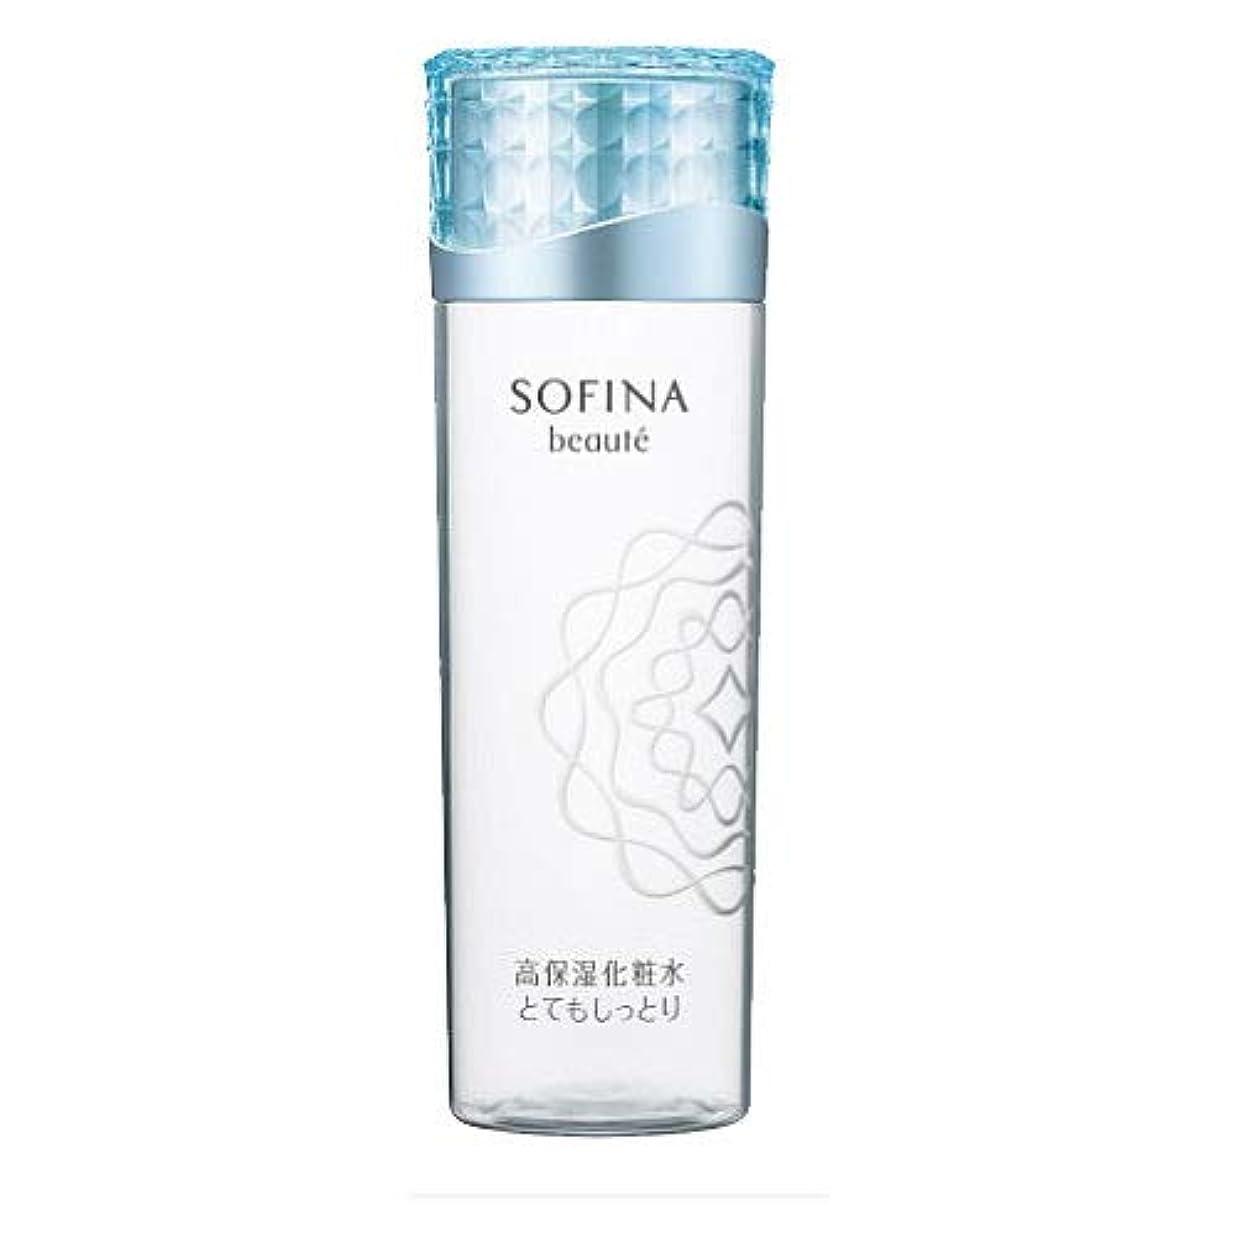 静的反応するセッション花王 ソフィーナ ボーテ 高保湿化粧水 とてもしっとり 140ml [並行輸入品]